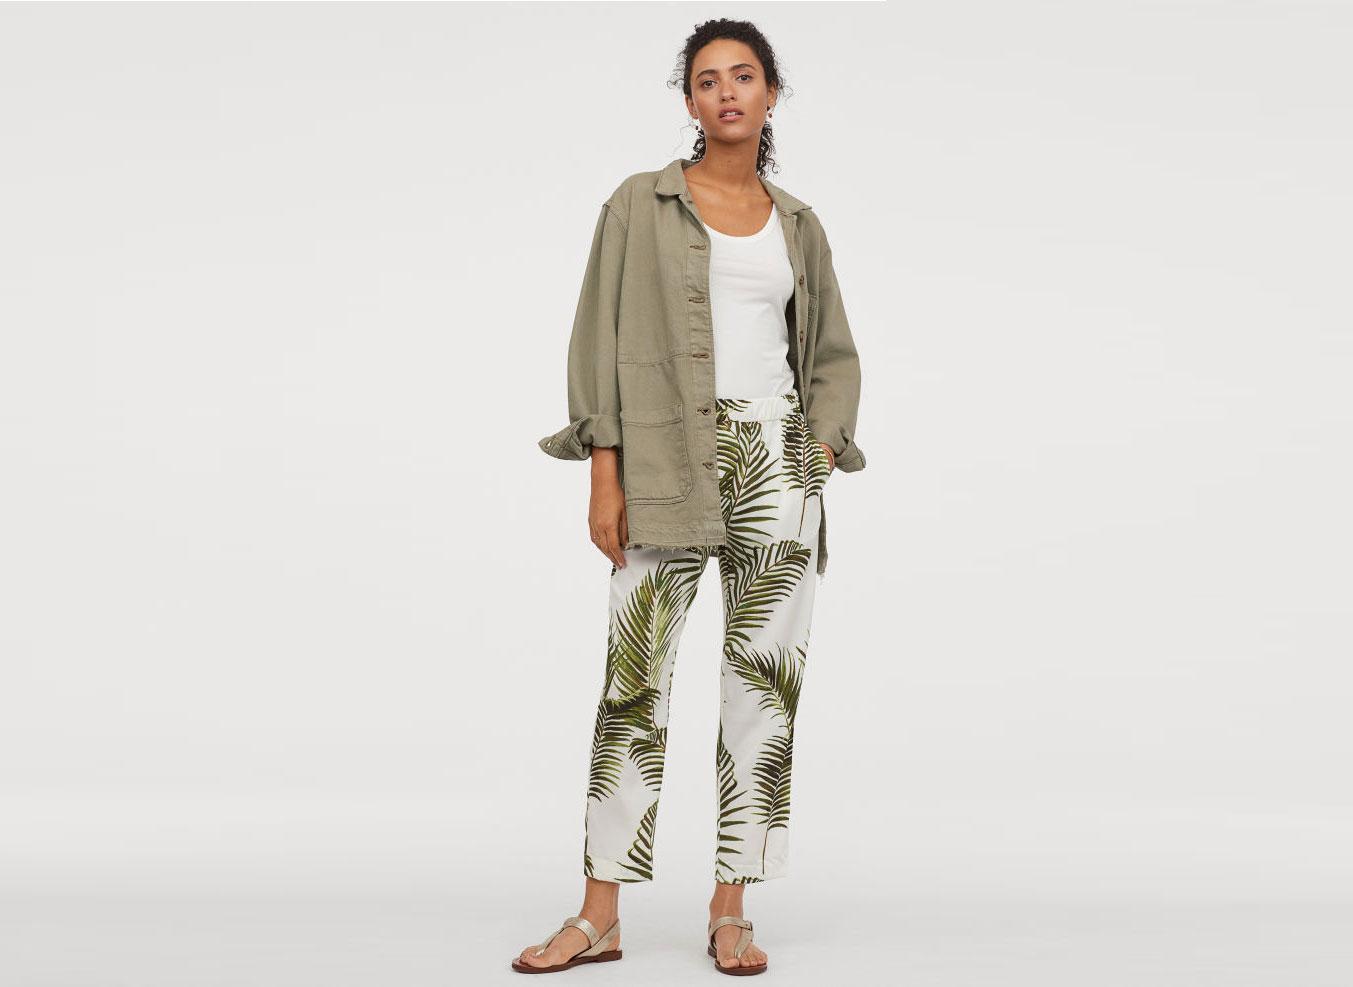 H&M Palm Print Crêped Pants